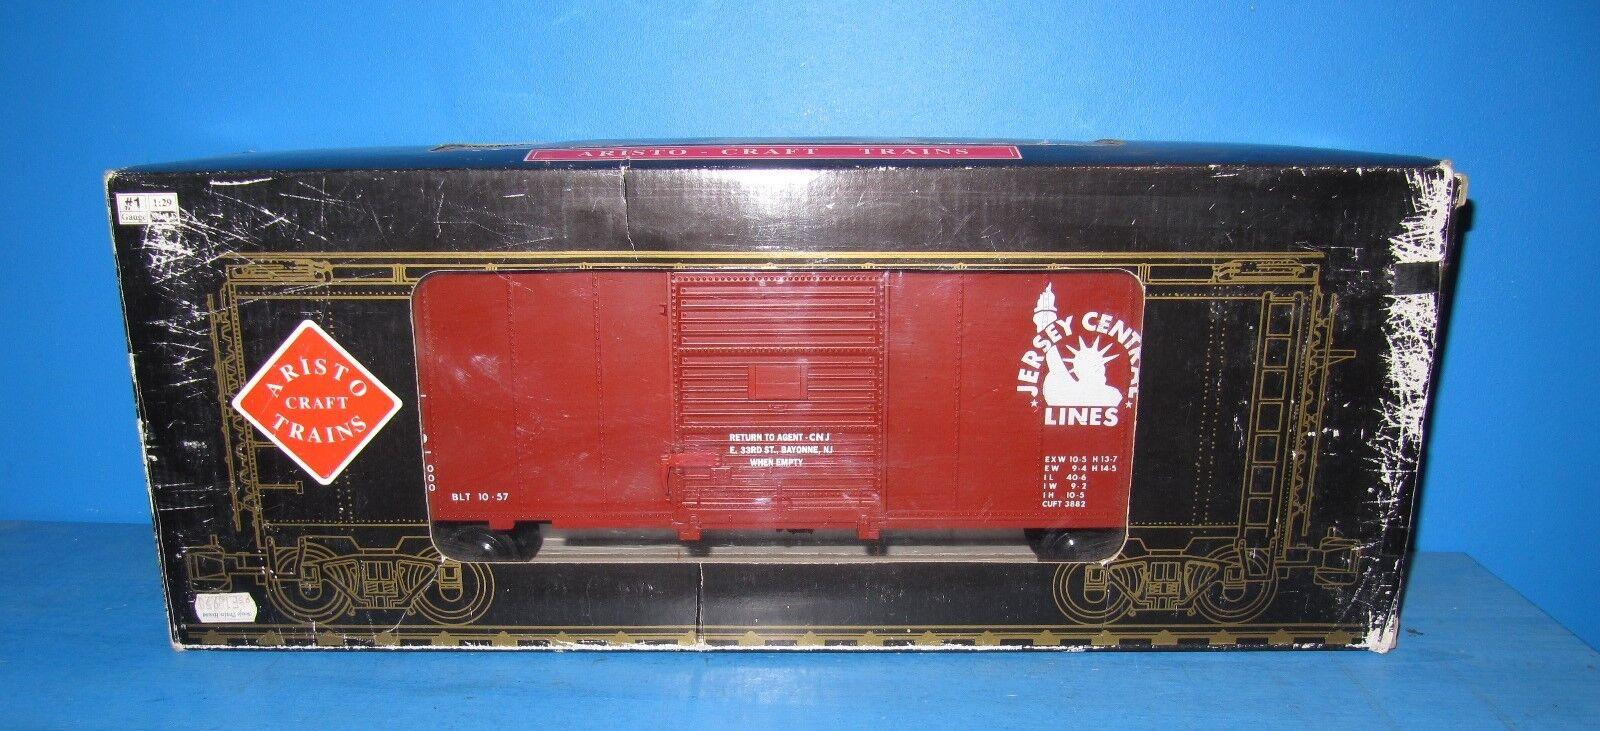 Aristo Craft Rea Traccia G BOX CAR  Jersey Central  46016 IN SCATOLA ORIGINALE MATTONCINI